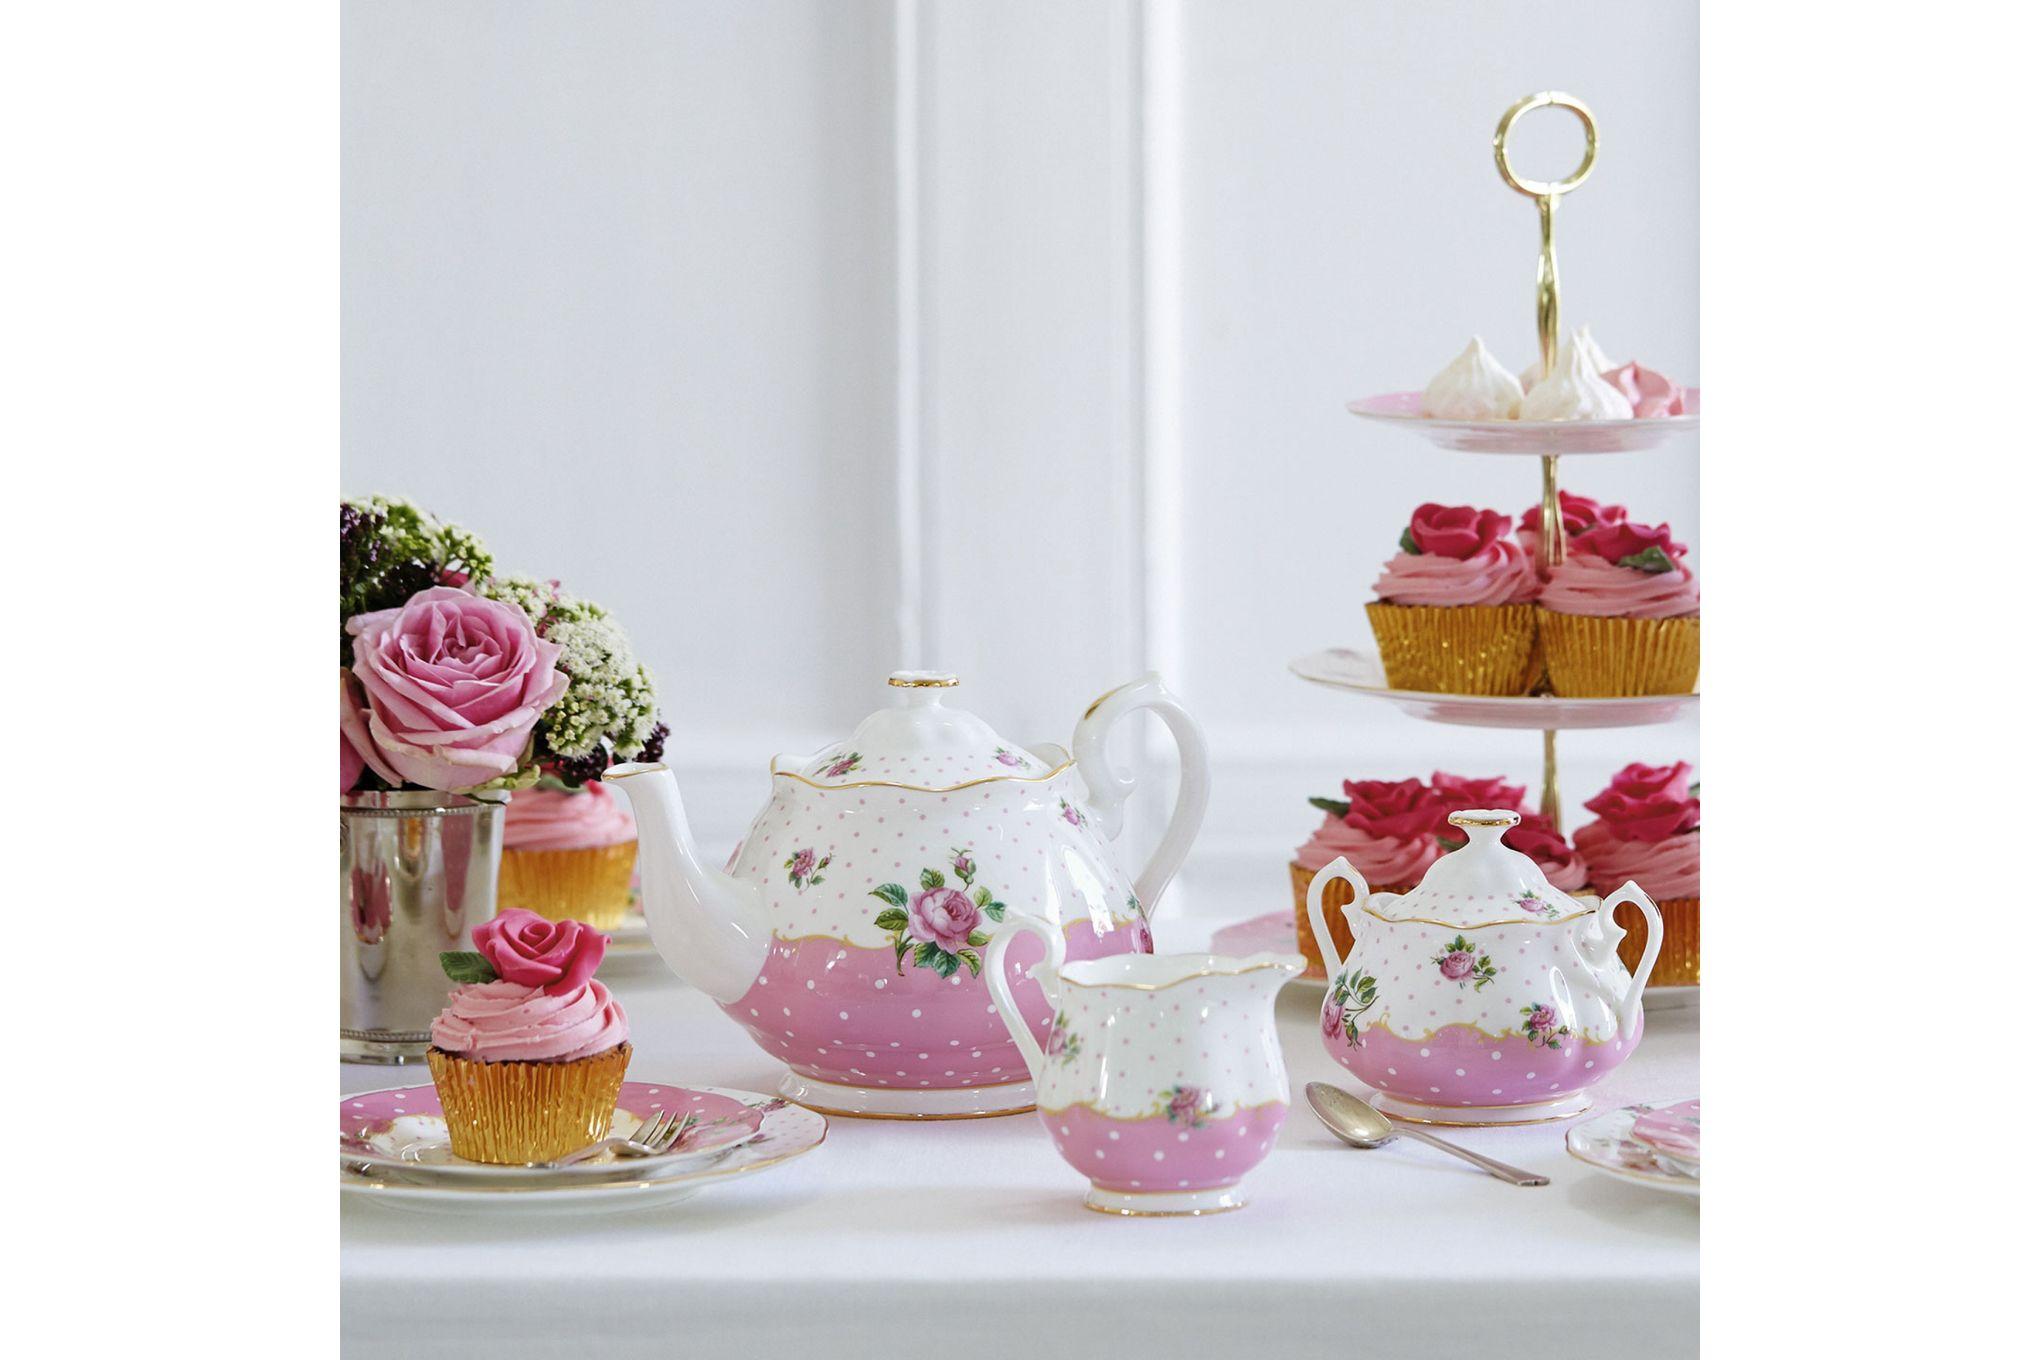 Royal Albert Cheeky Pink Teapot, Sugar and Cream Set Cheeky Pink - 3pc thumb 3